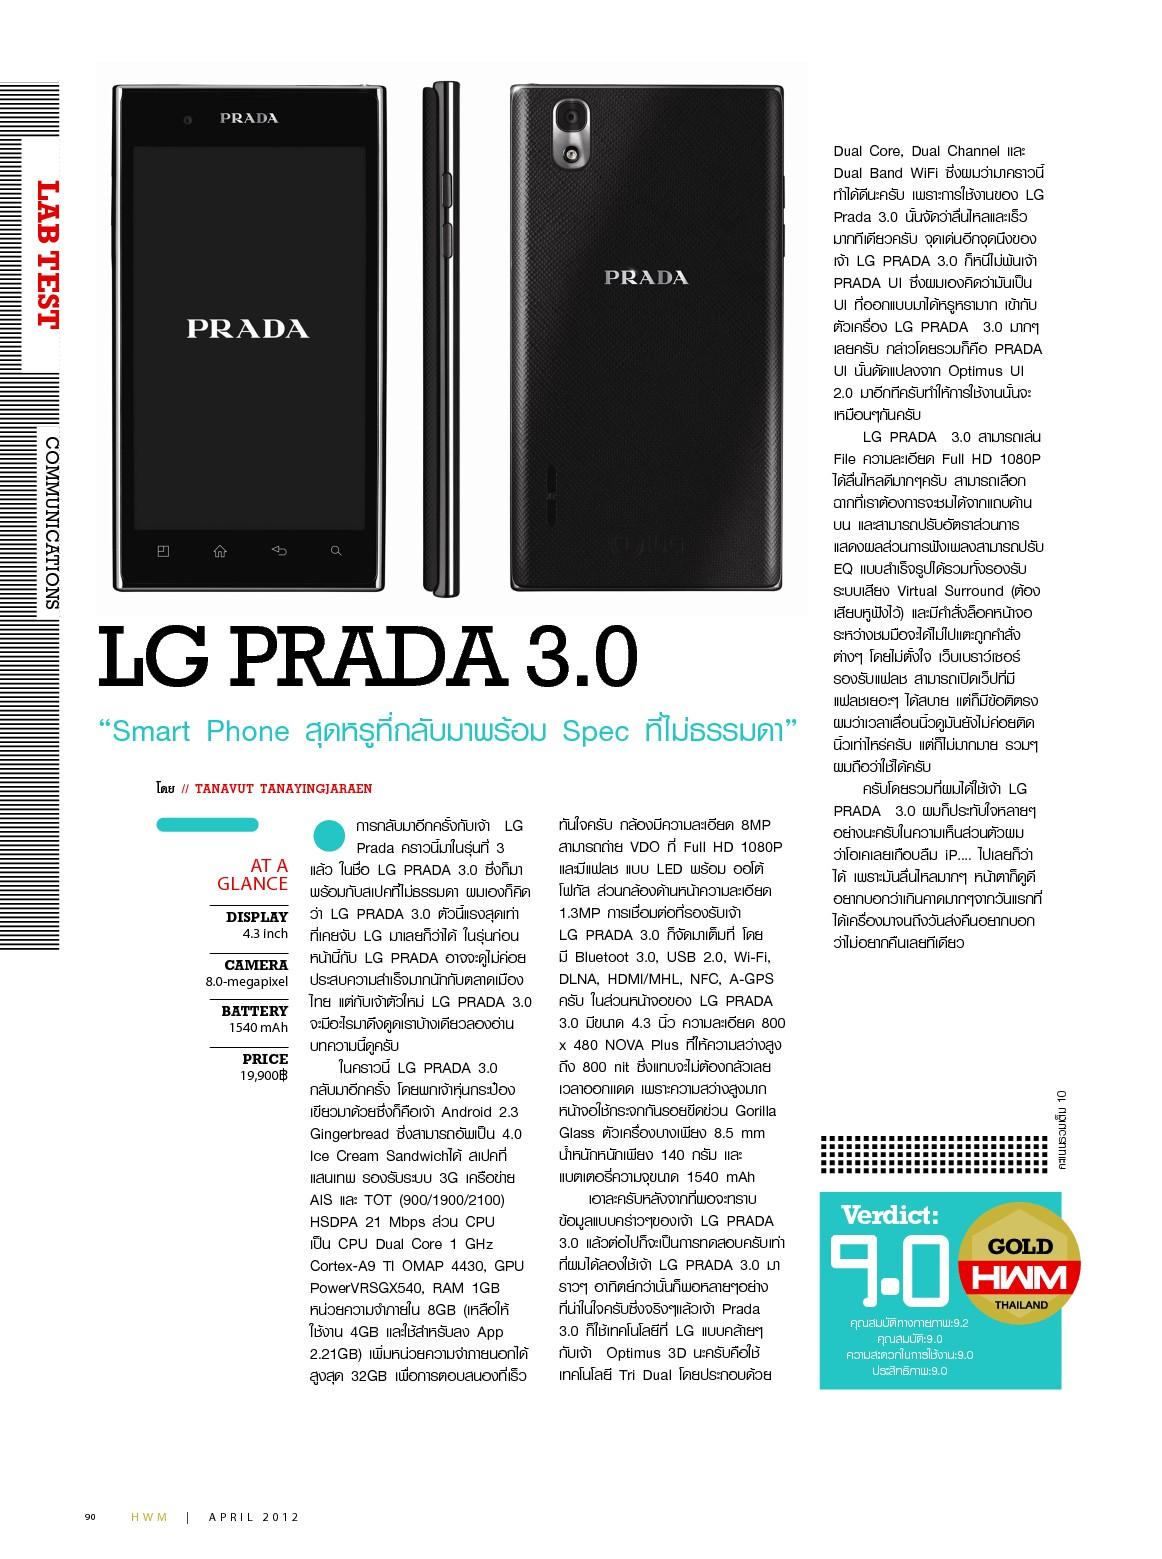 """HWM magazine มอบรางวัล """"Gold Award"""" การันตีคุณภาพ PRADA Phone 3.0 by LG สมาร์ทโฟนสุดหรูที่กลับมาพร้อมสเปคที่ไม่ธรรมดา"""